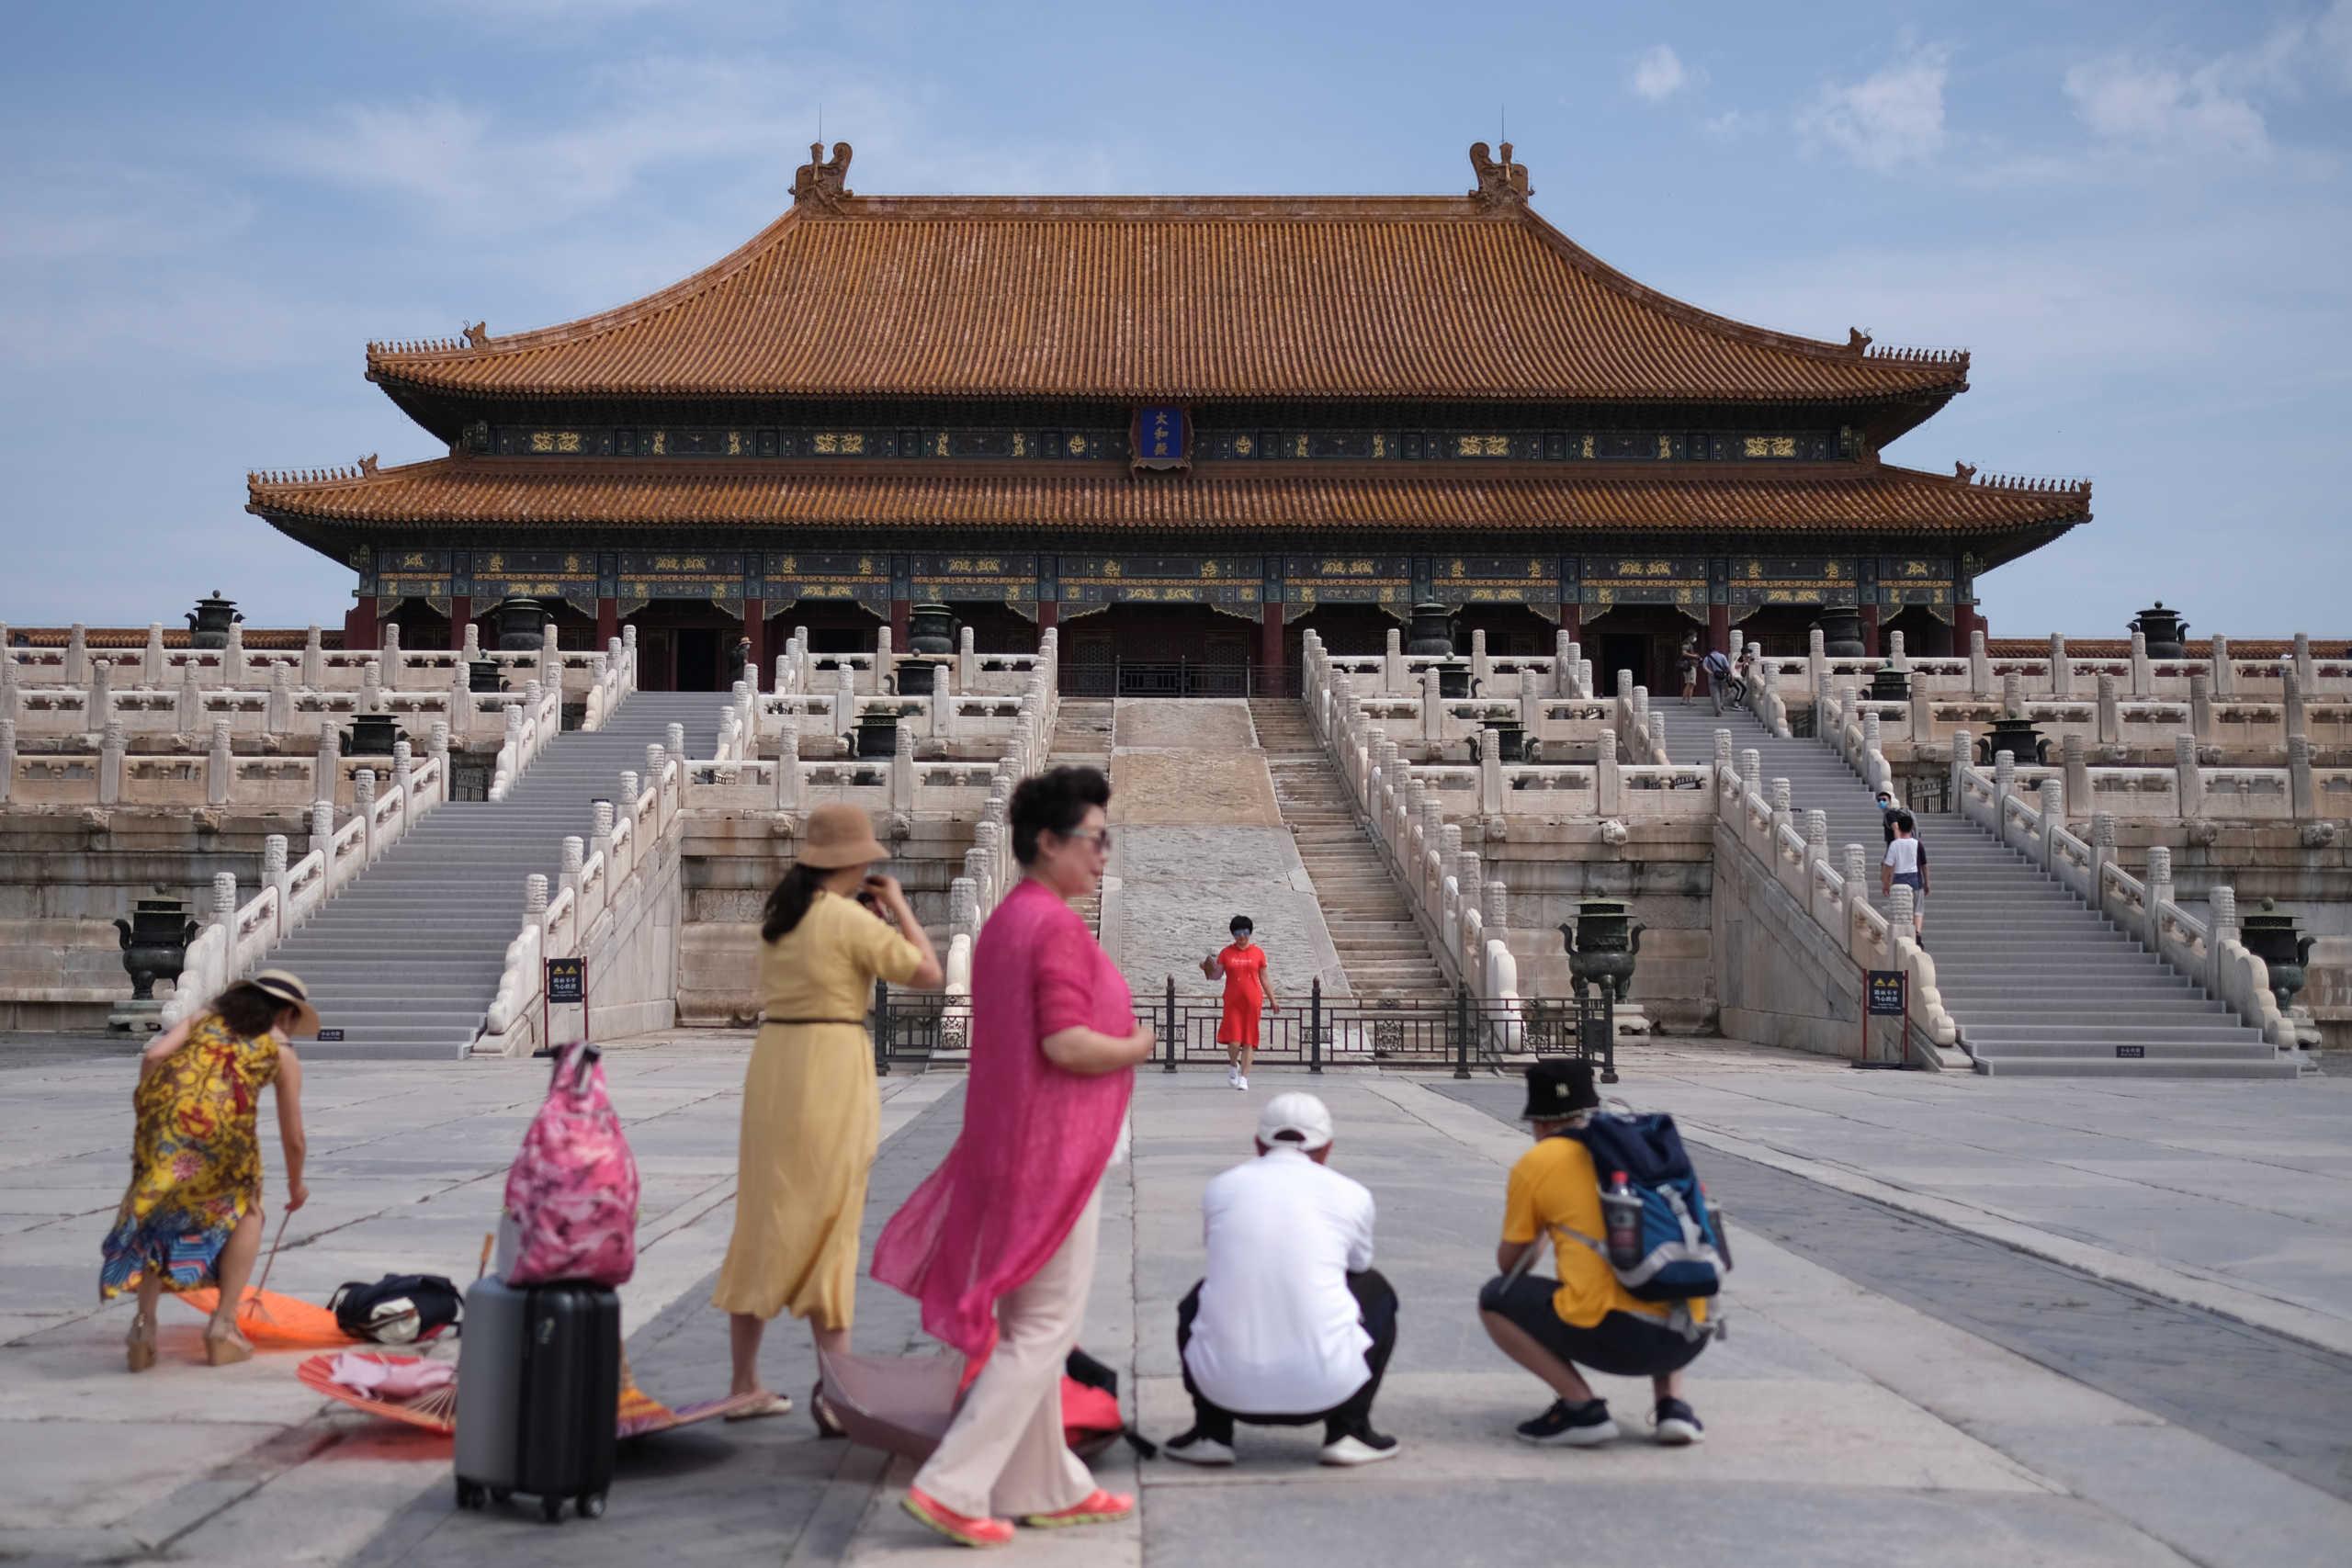 Κορονοϊός: Επανέρχεται η κανονικότητα στο Πεκίνο – Αίρονται οι περισσότεροι περιορισμοί στις μετακινήσεις